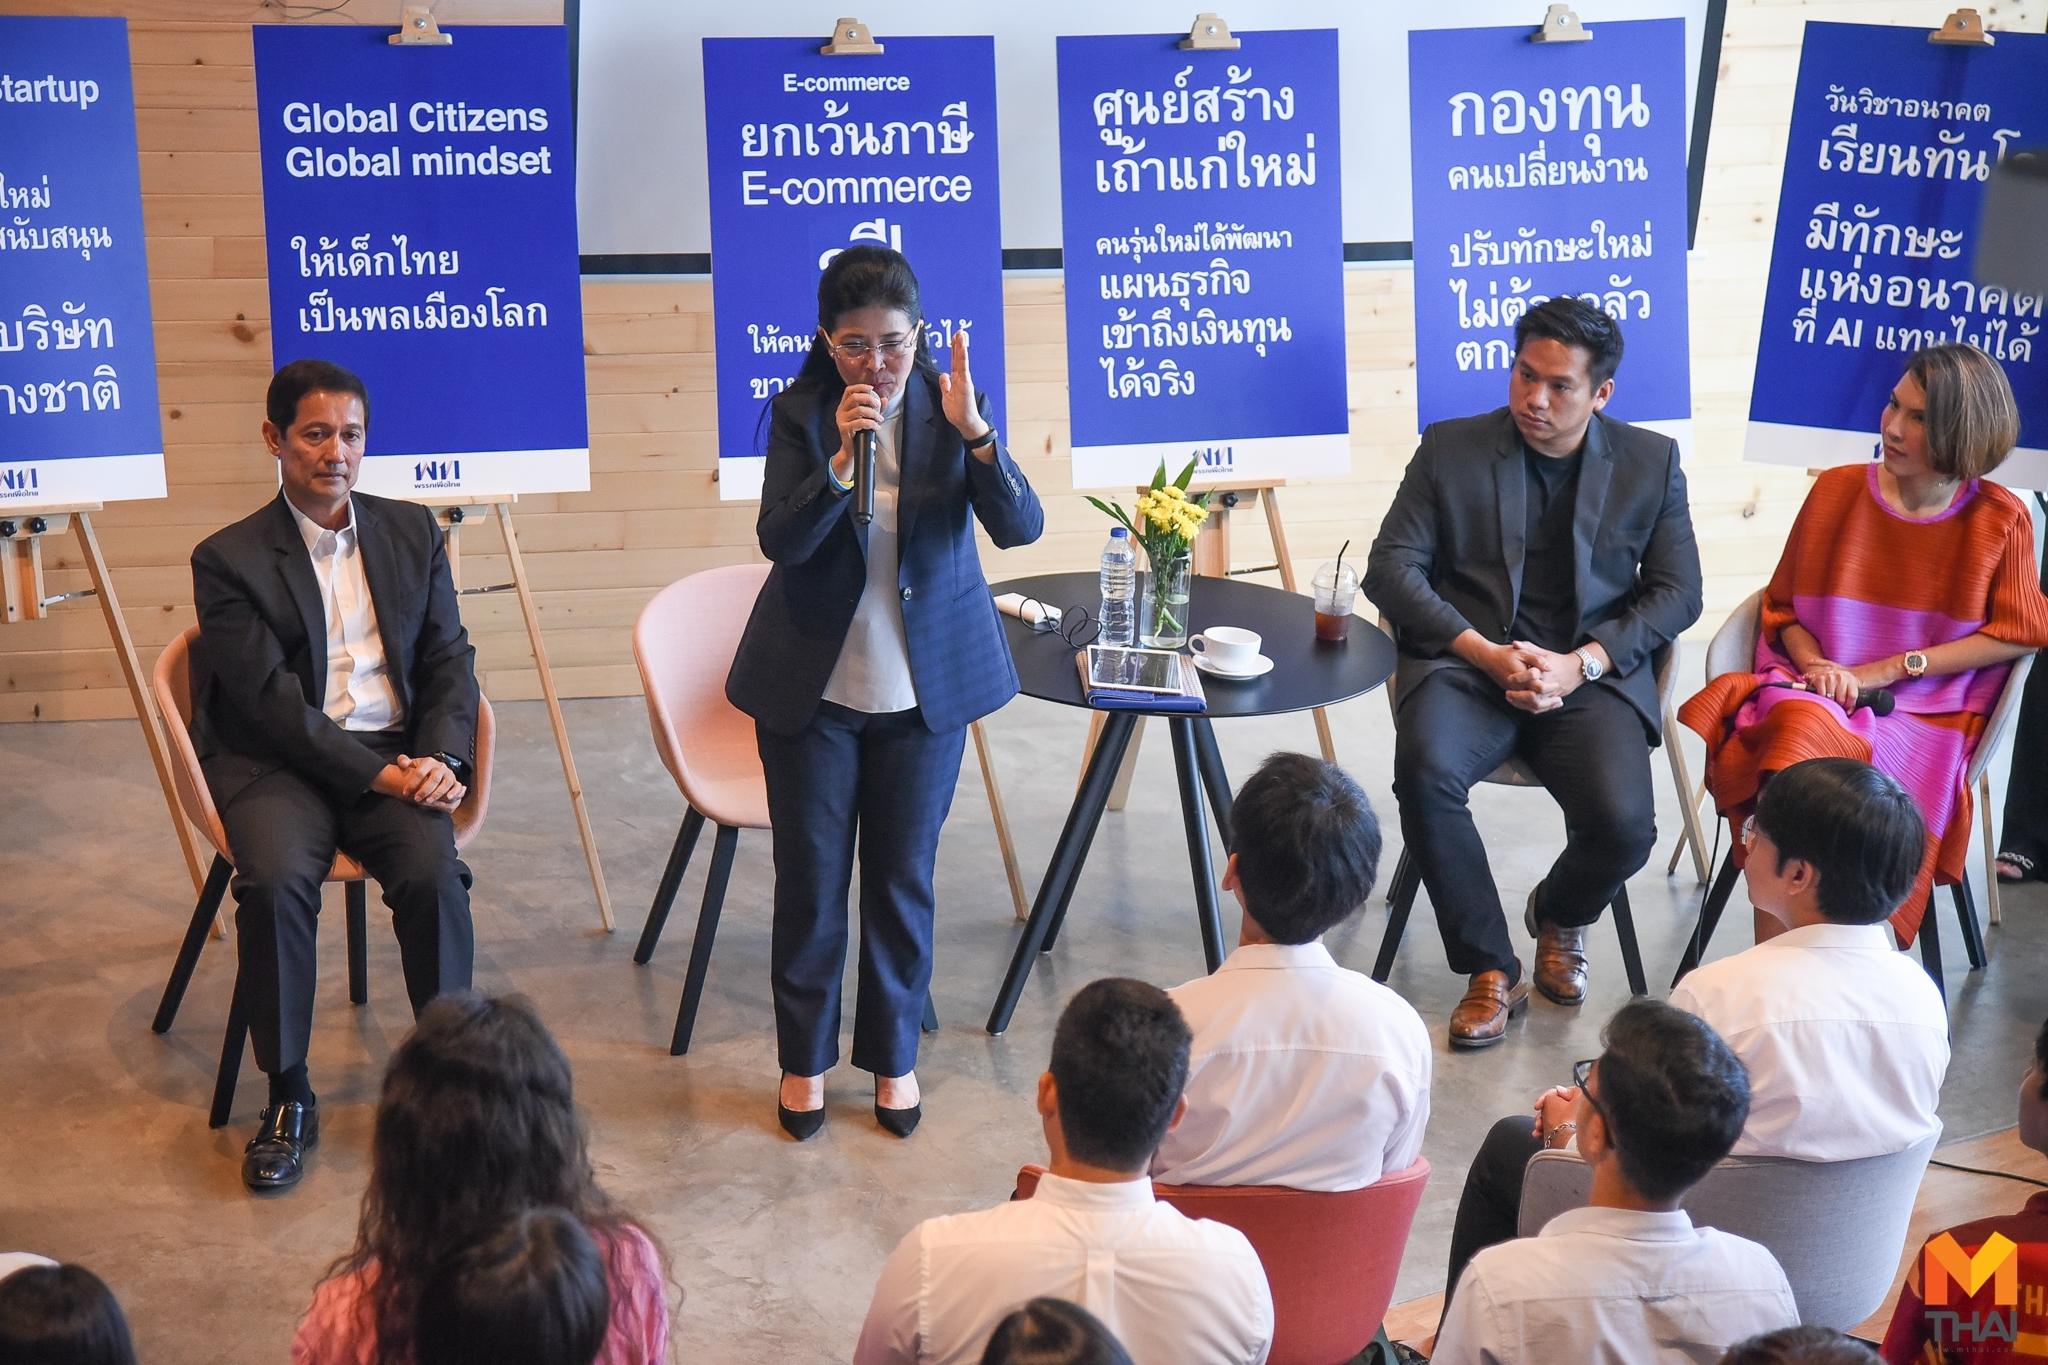 นโยบายเศรษฐกิจคนรุ่นใหม่ พรรคพื่อไทย